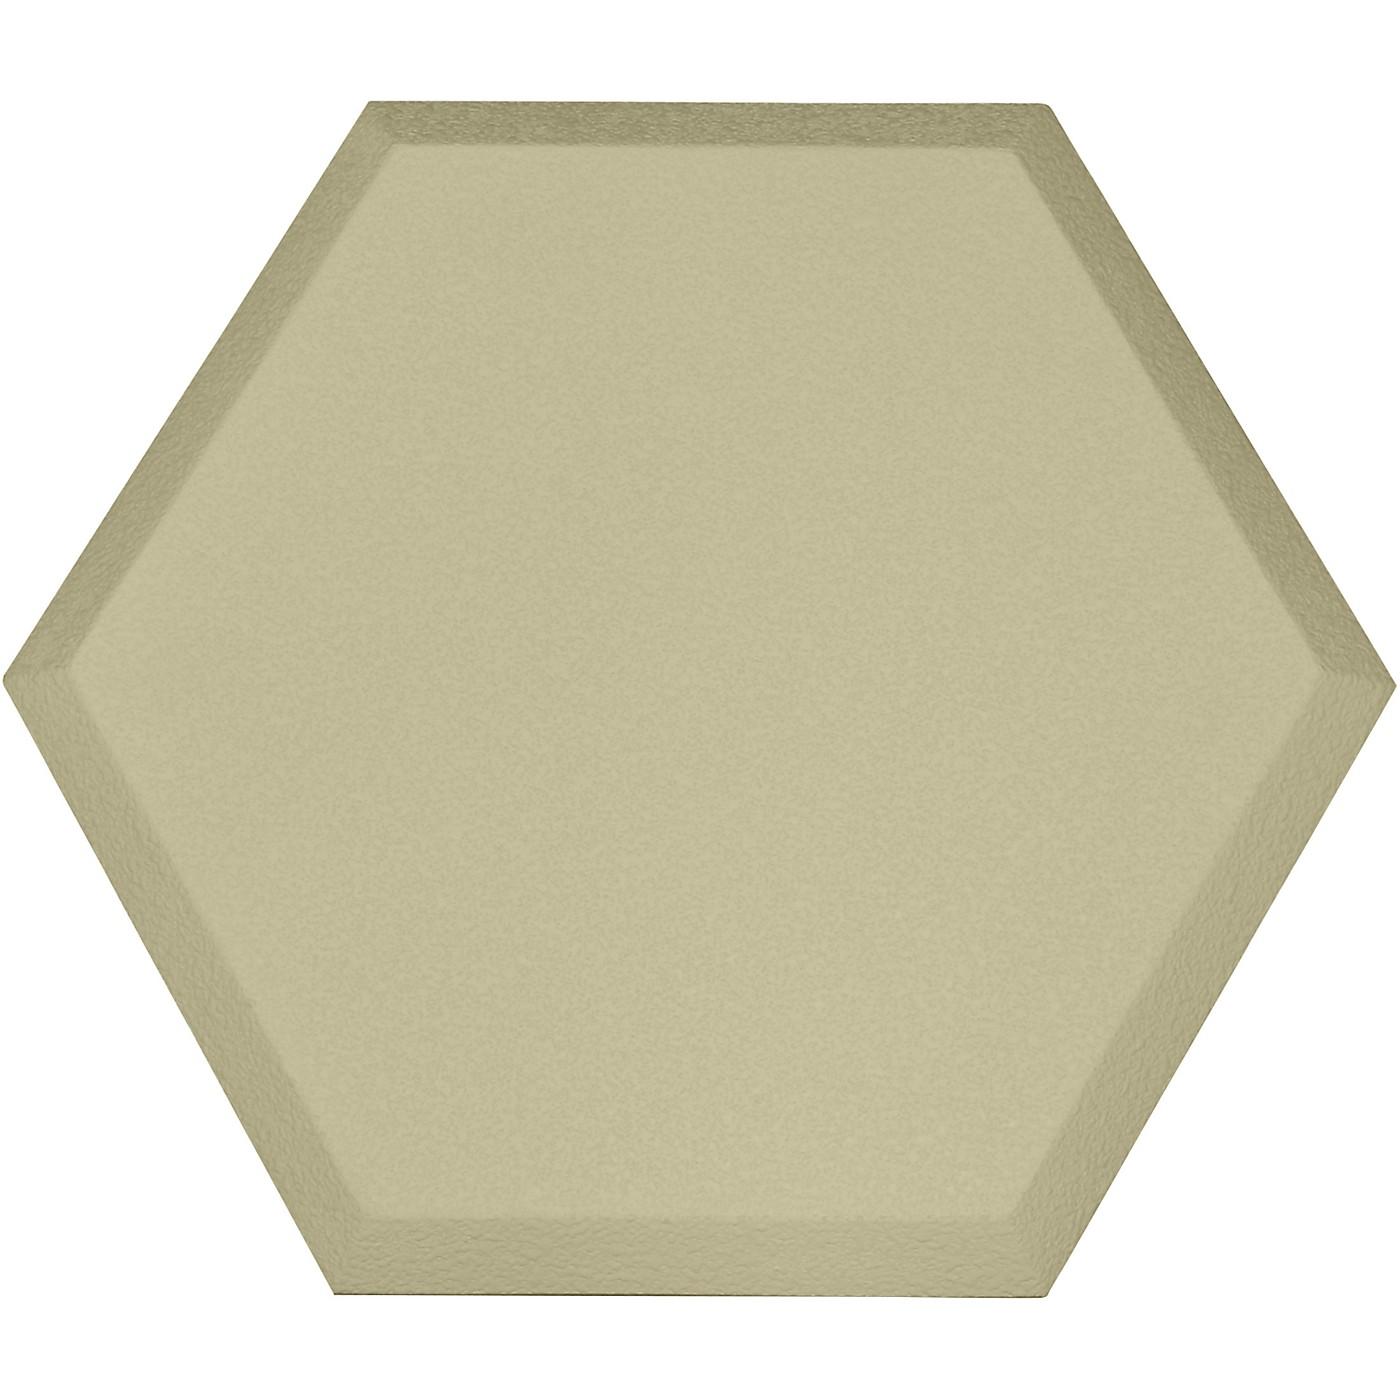 Primacoustic Element Hexagon Acoustic Panel thumbnail